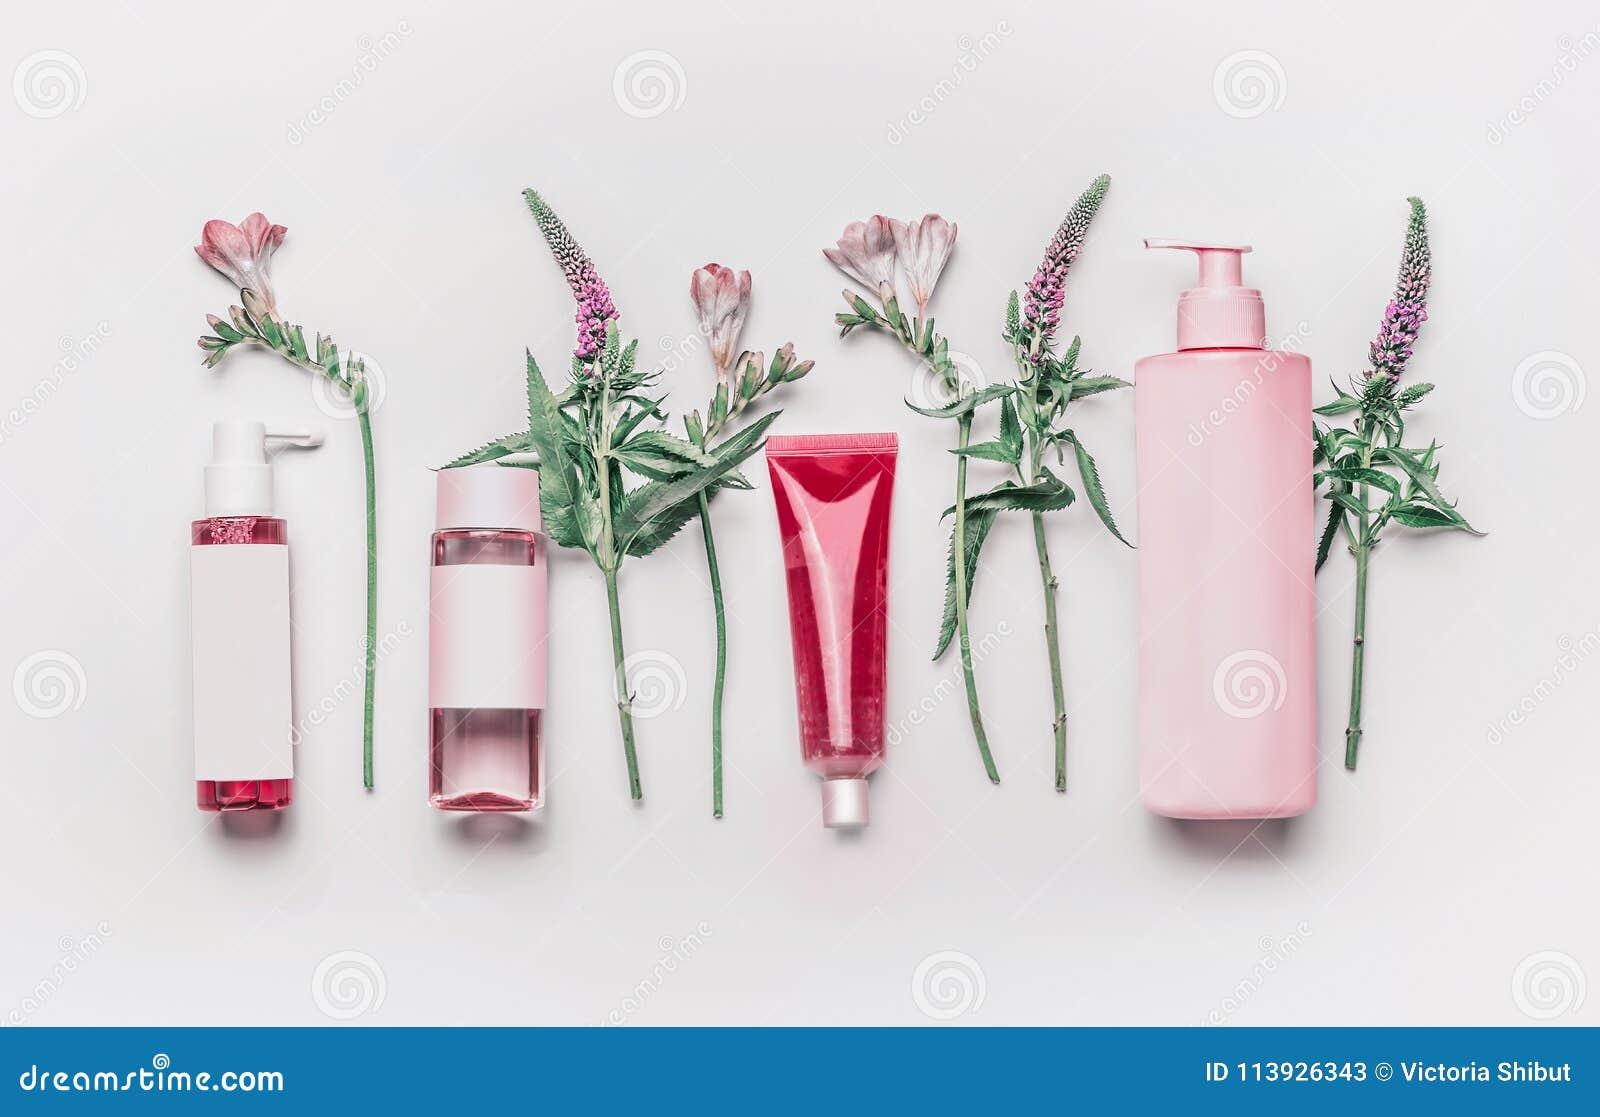 Ensemble de produits cosmétique facial naturel de fines herbes rose avec des herbes et des fleurs sur le fond blanc